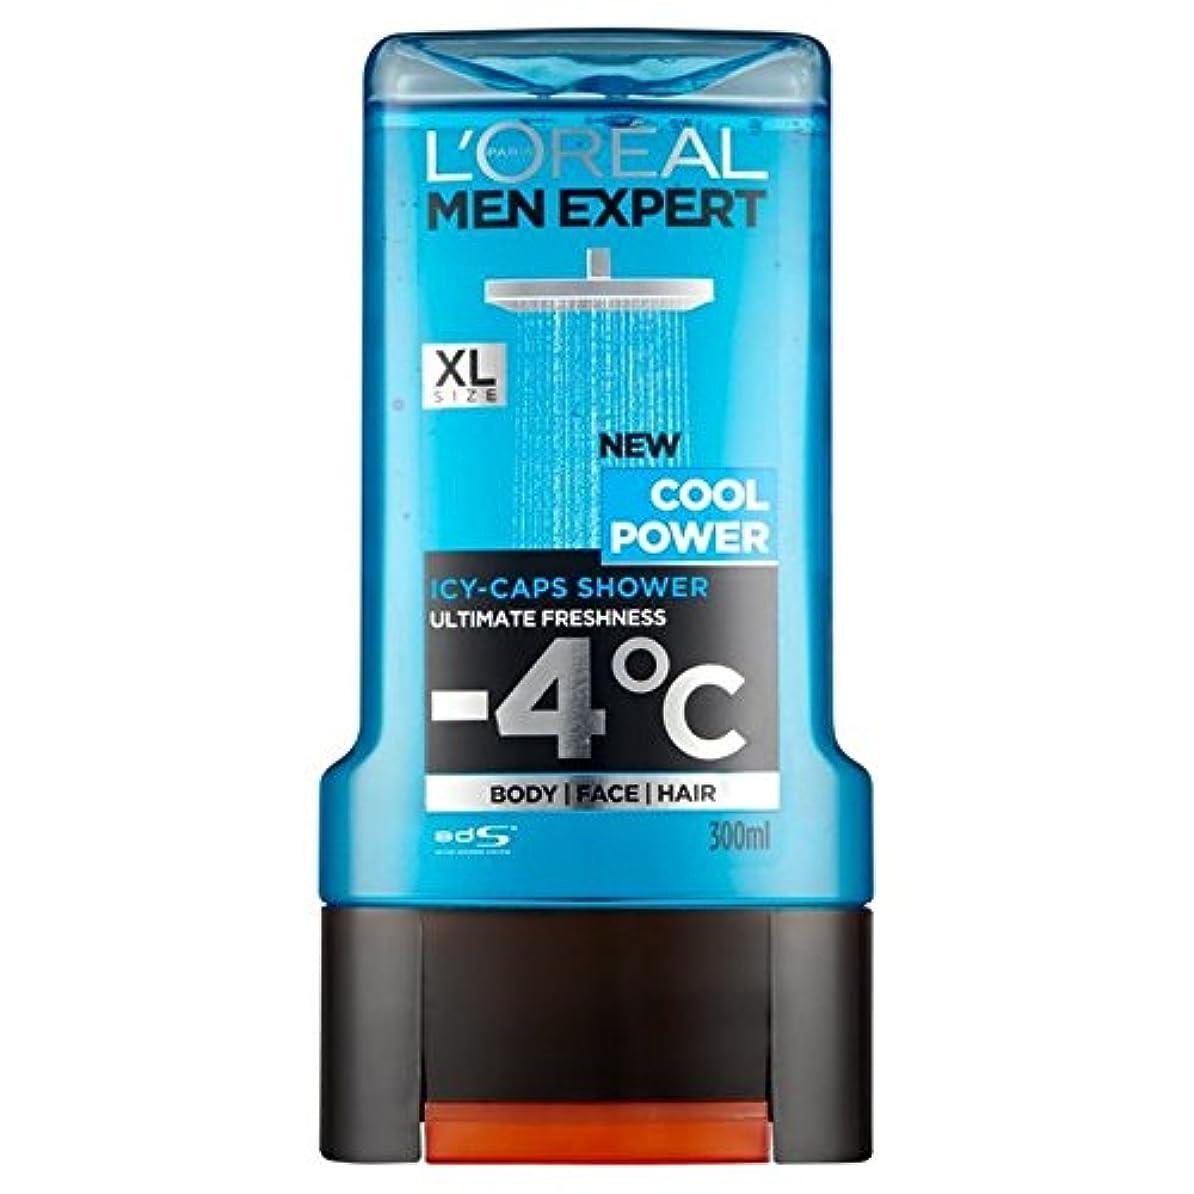 ロール白雪姫文化L'Oreal Paris Men Expert Cool Power Shower Gel 300ml - ロレアルパリの男性の専門家のクールなパワーシャワージェル300ミリリットル [並行輸入品]